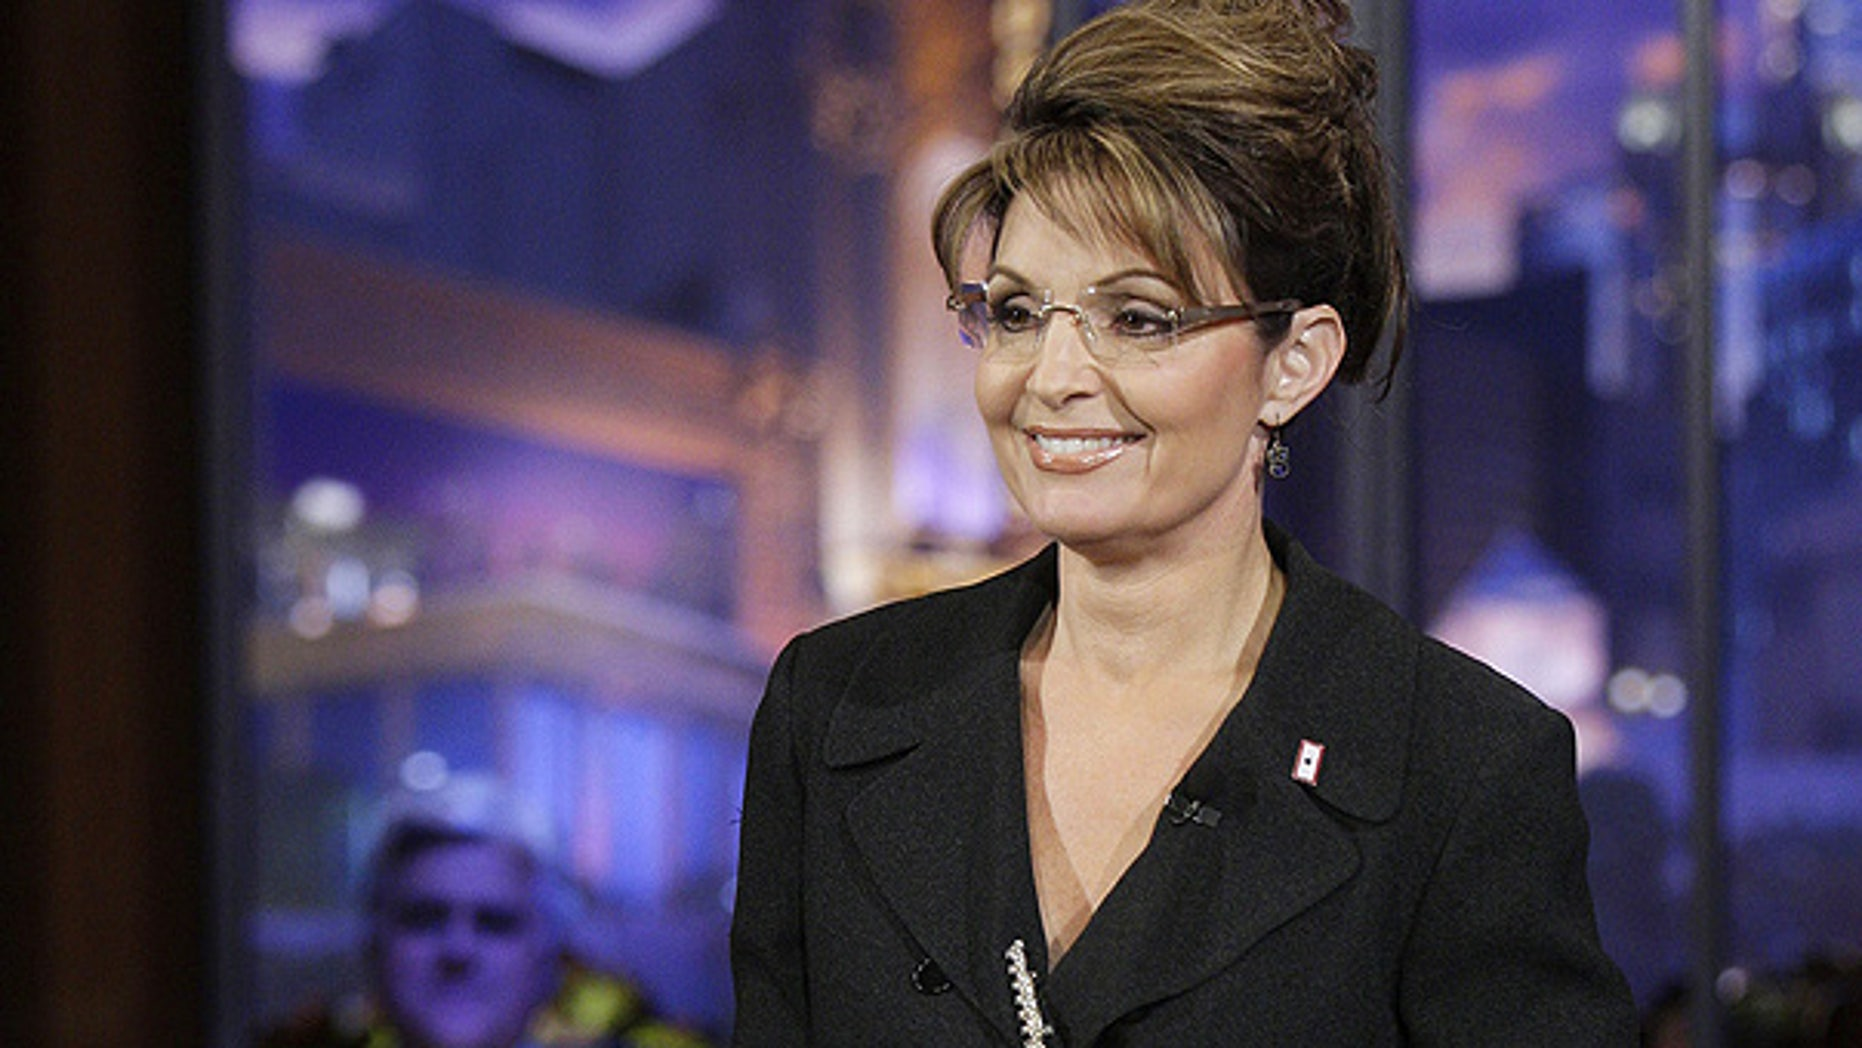 """Mar. 2: Sarah Palin cracks jokes with host Jay Leno, left, on """"The Tonight Show."""""""